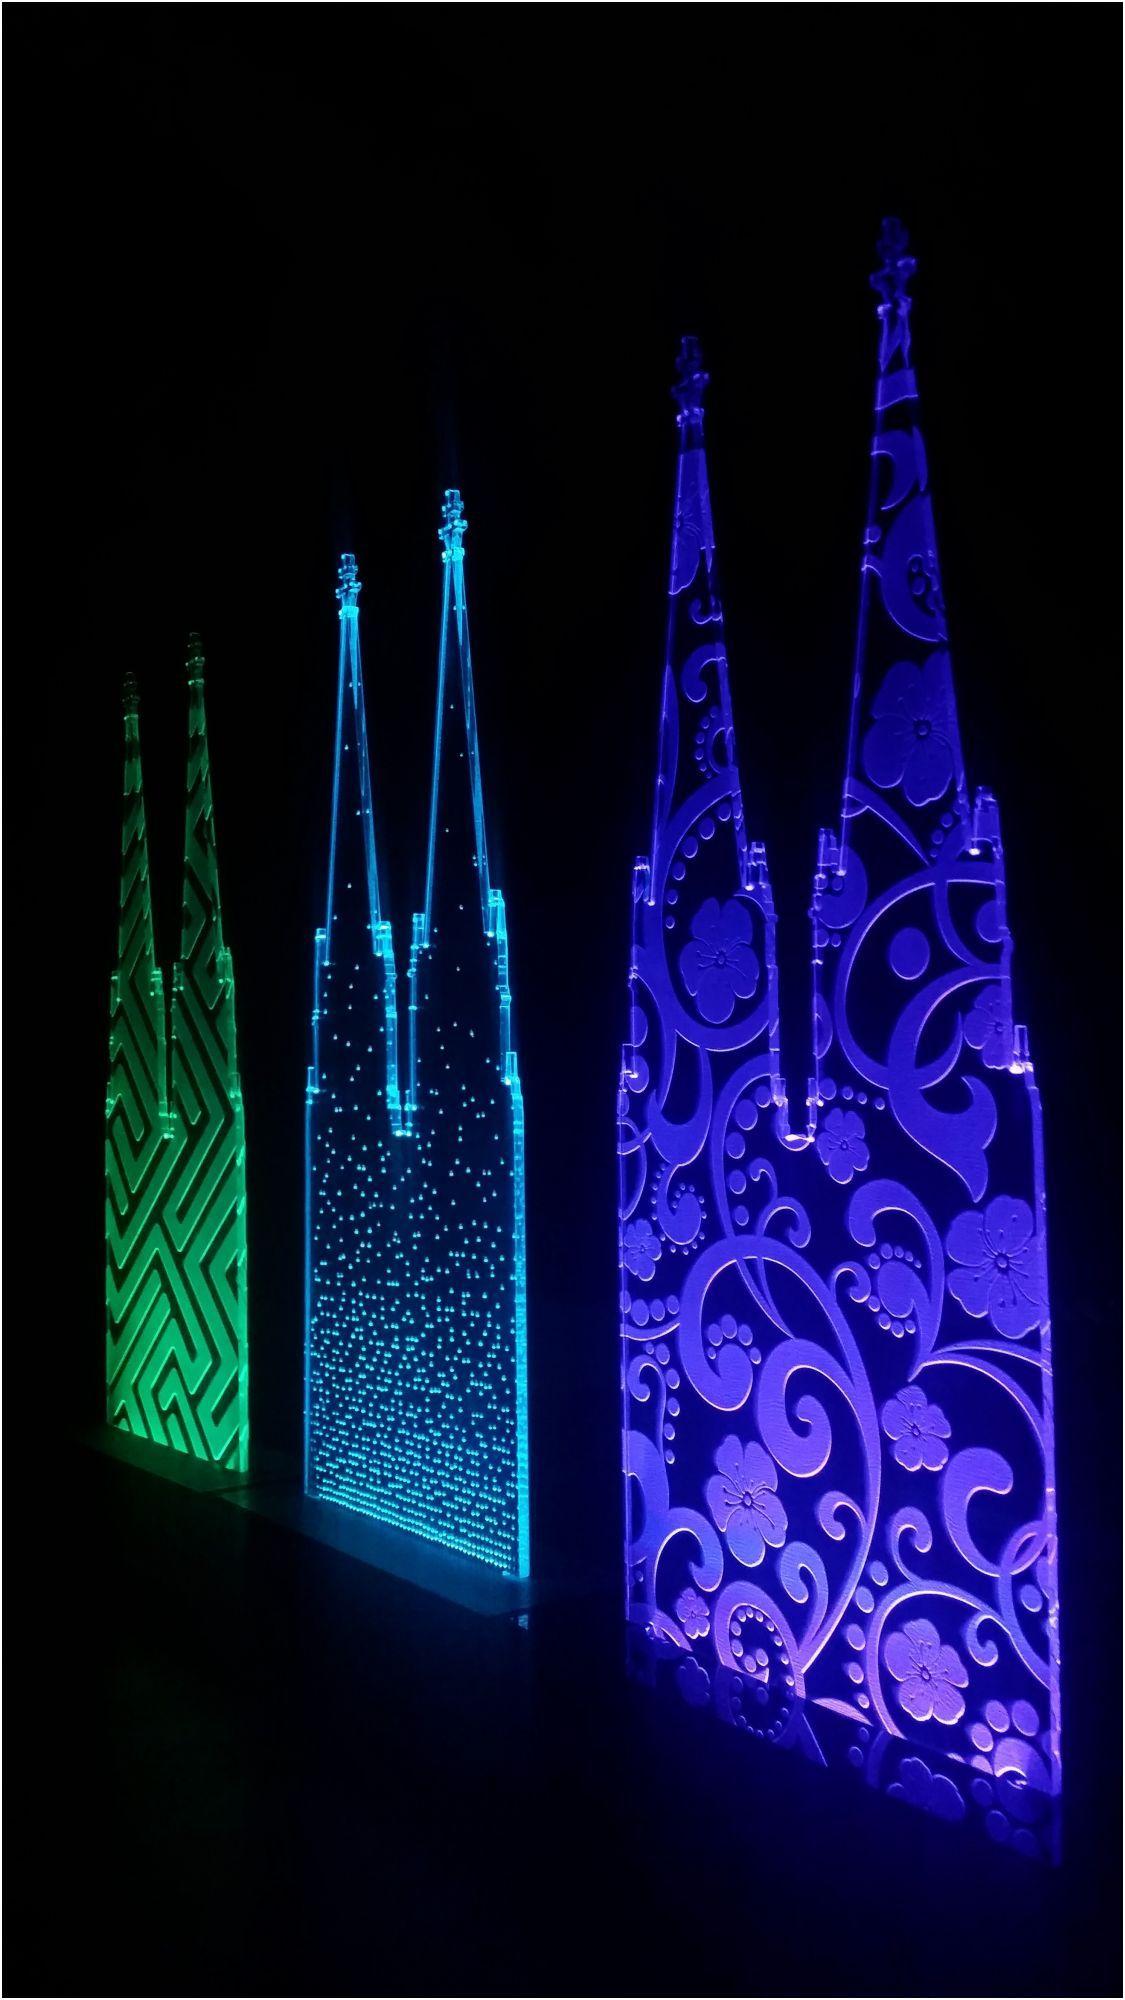 12 Complet Lampe Plexiglas Pictures